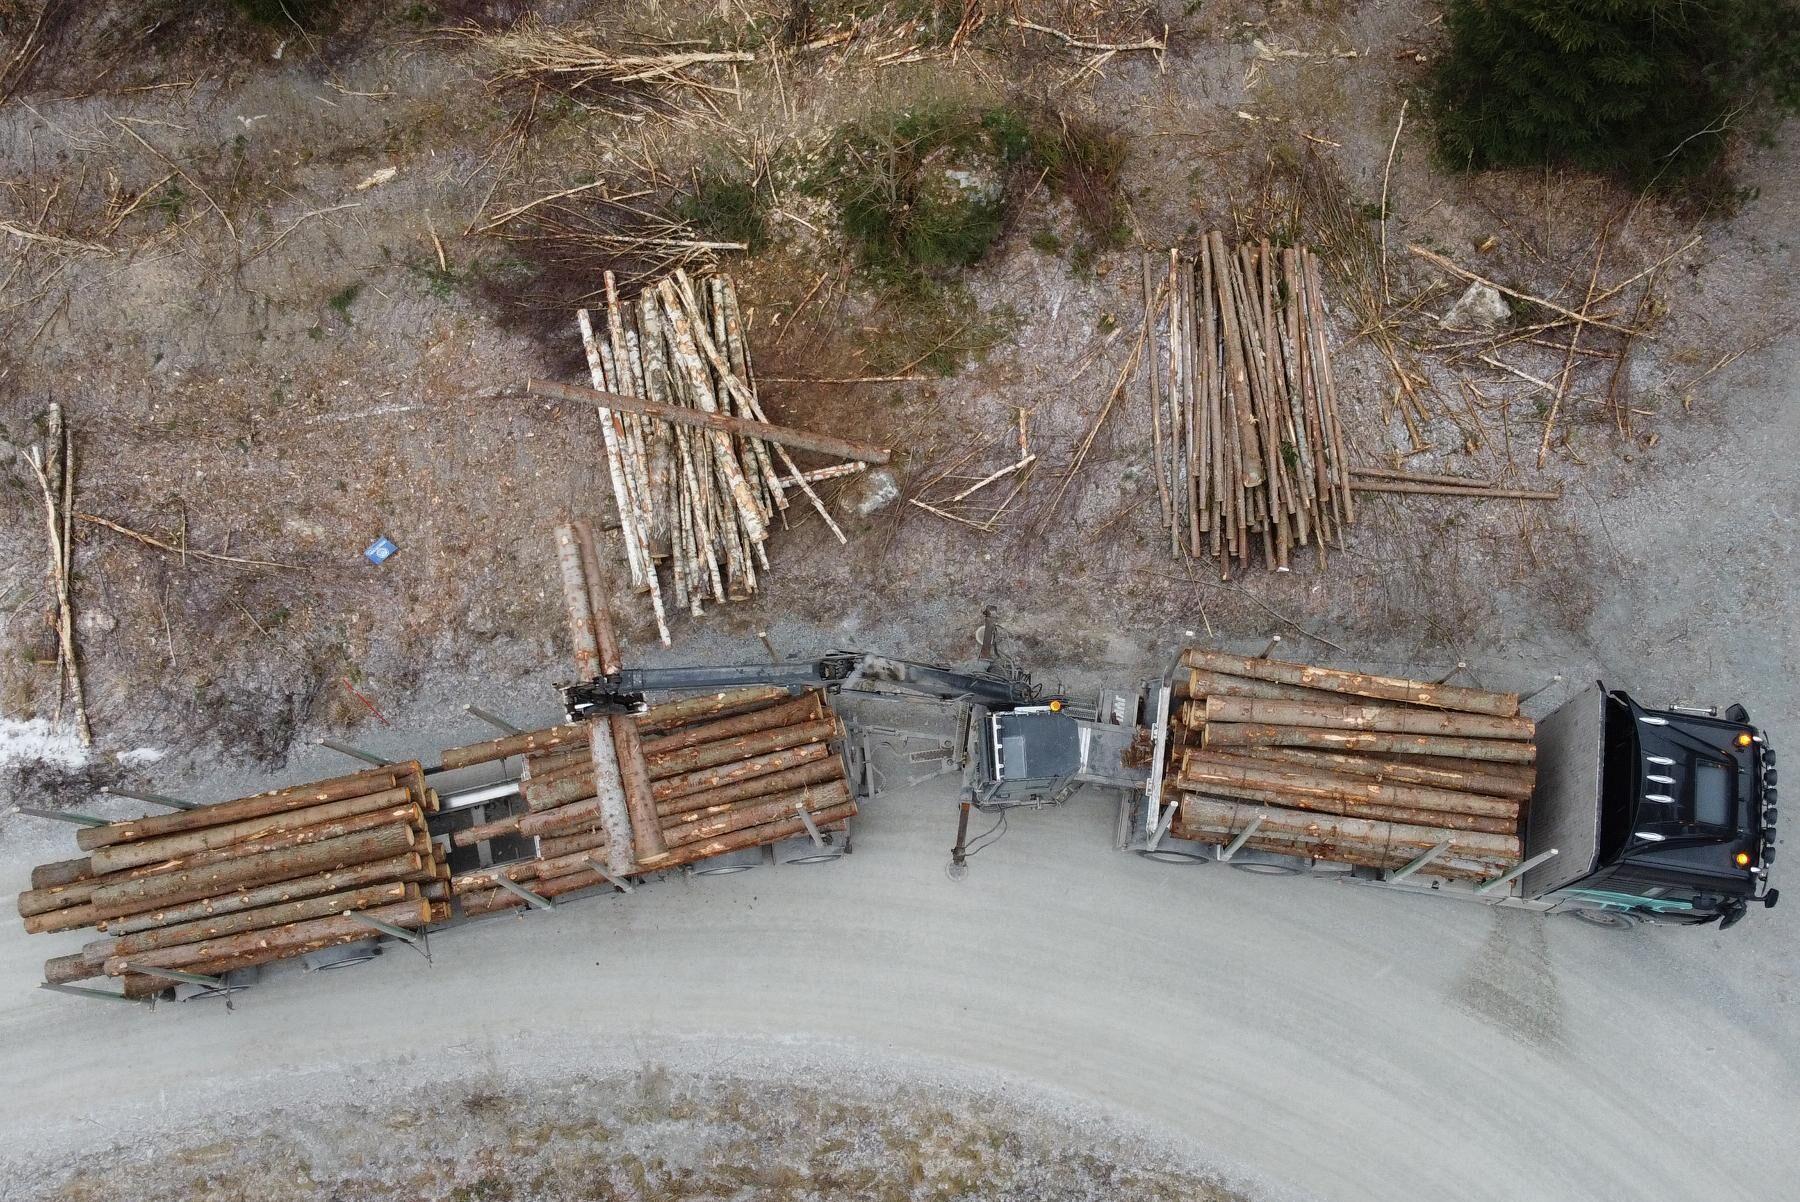 En timmerbil lastar timmer vid en avverkning i en skog i Enköping.